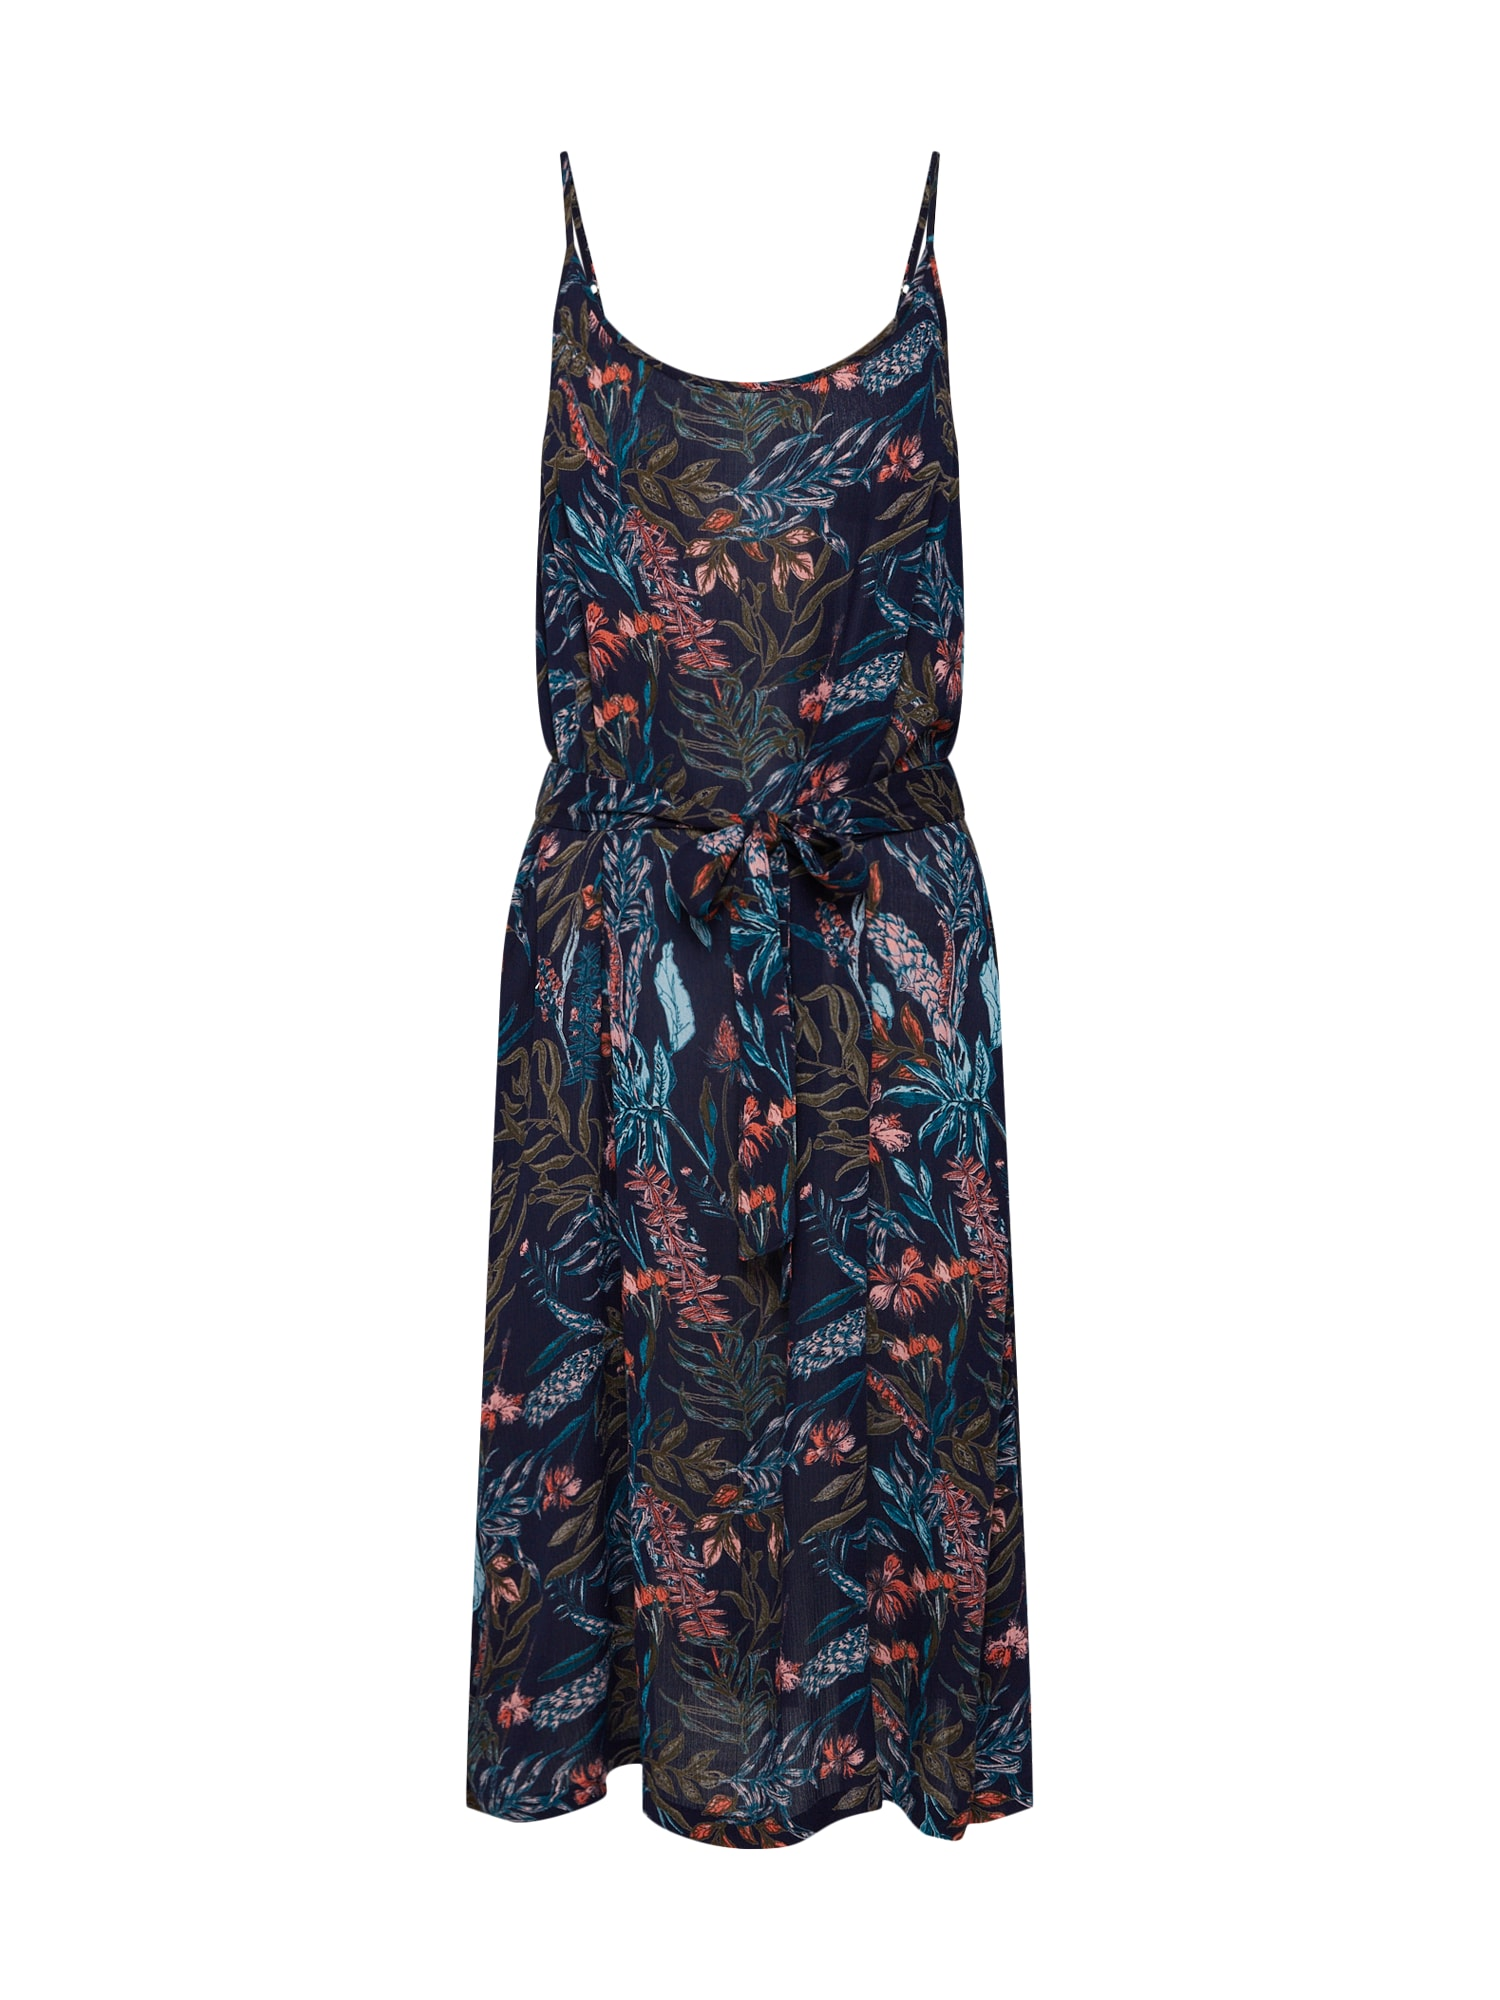 Letní šaty jennifer tmavě modrá mix barev Kaffe